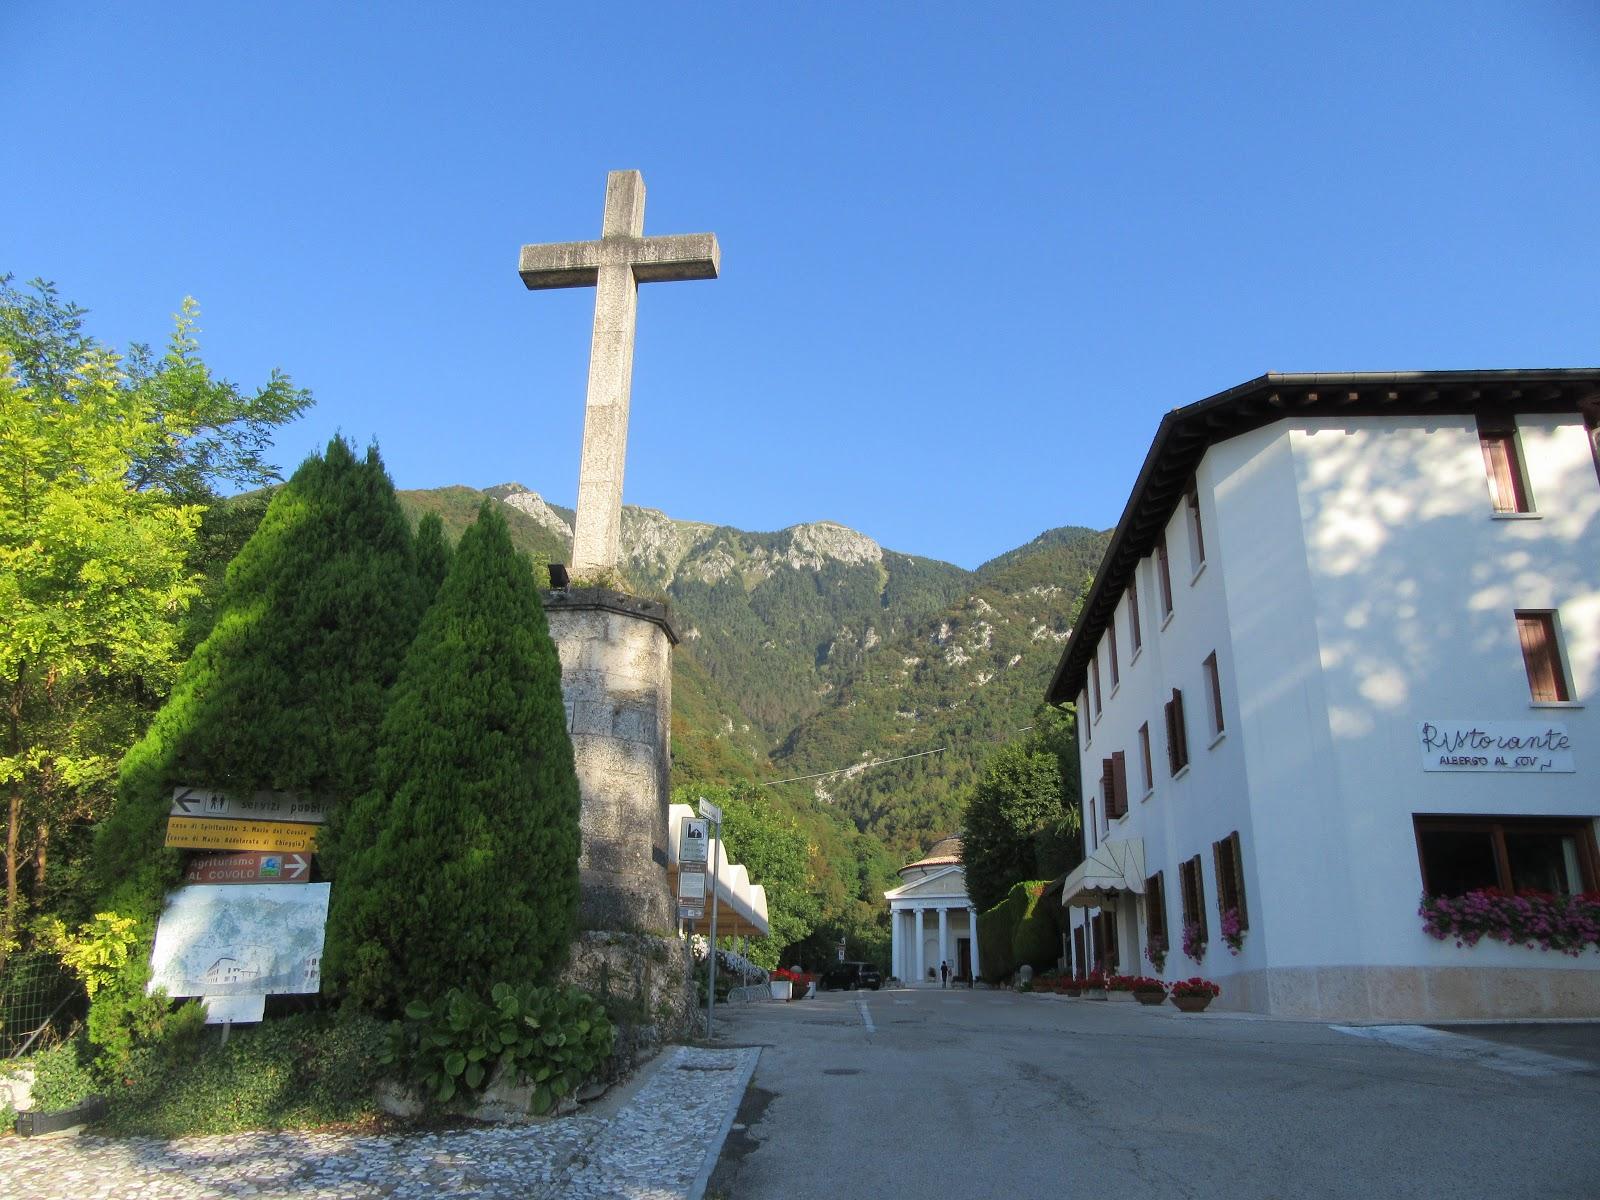 Bike climb of Monte Grappa from Crespano  - Santuario del Covolo, cross, mountain in background